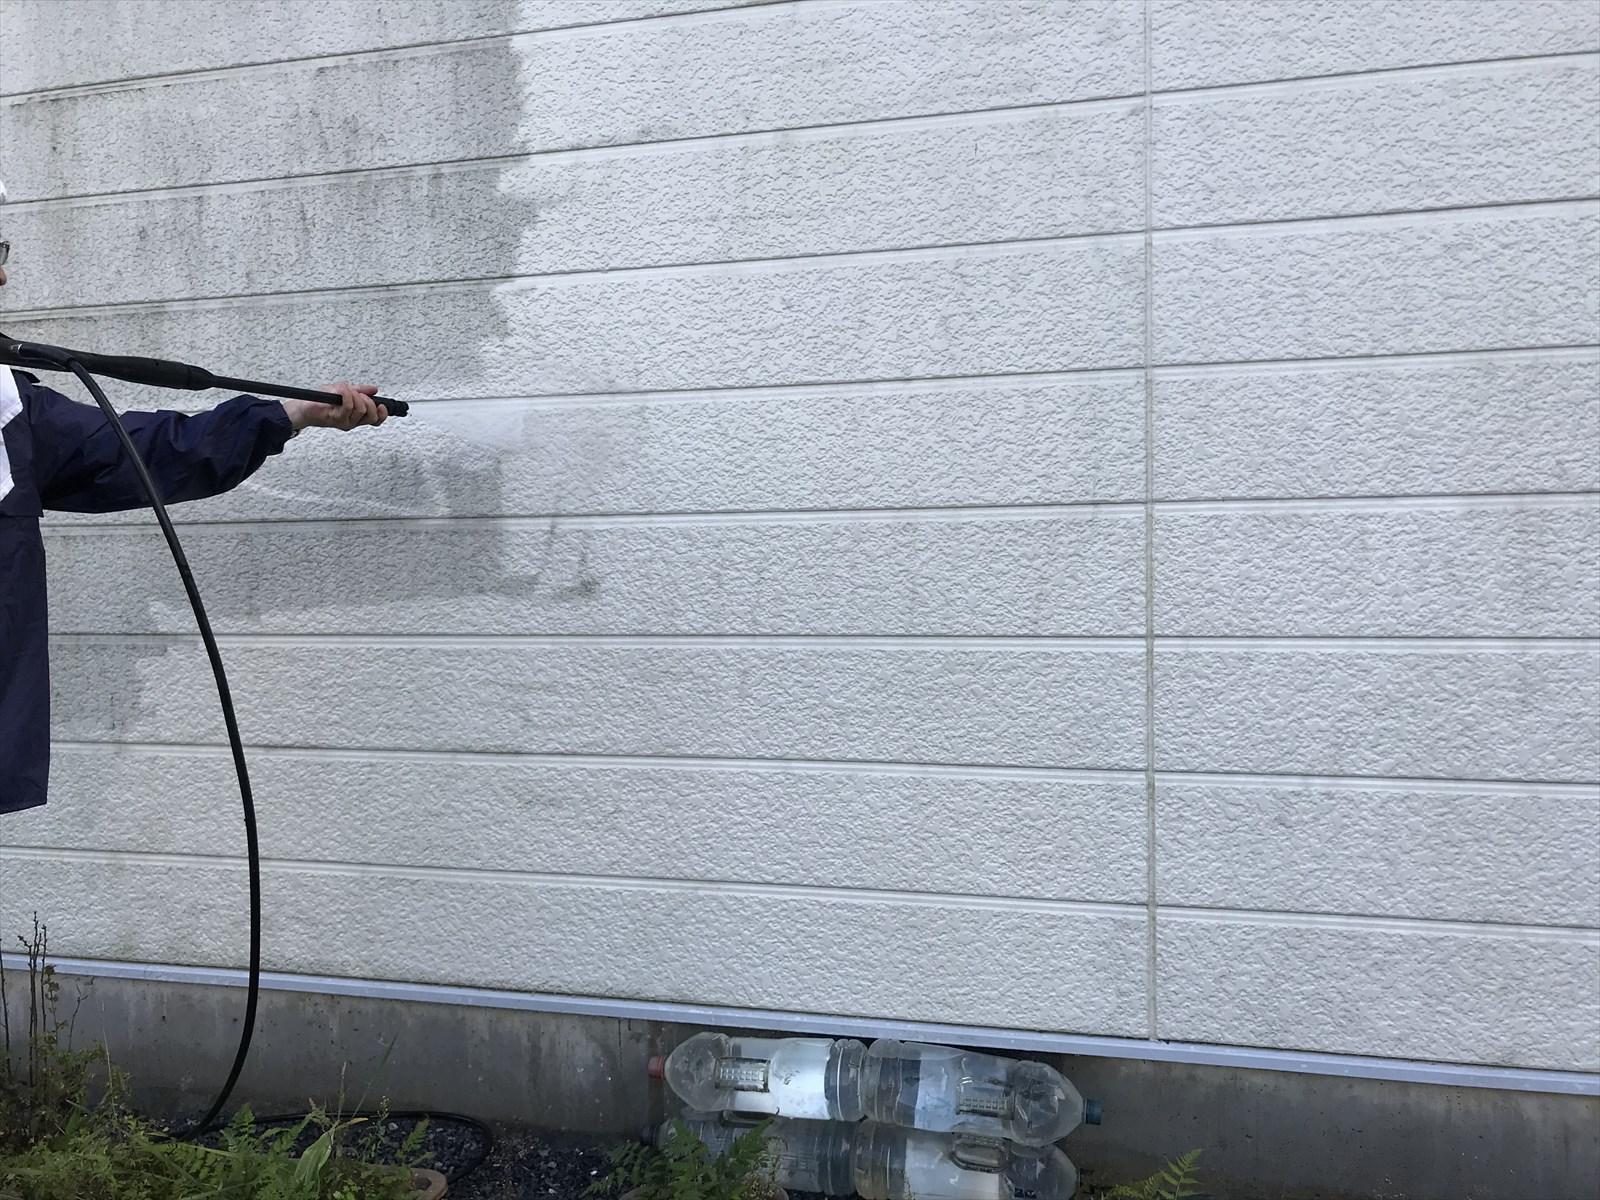 蓮田市カビ苔で汚れた北外壁中央に光触媒コーティングの為高圧洗浄